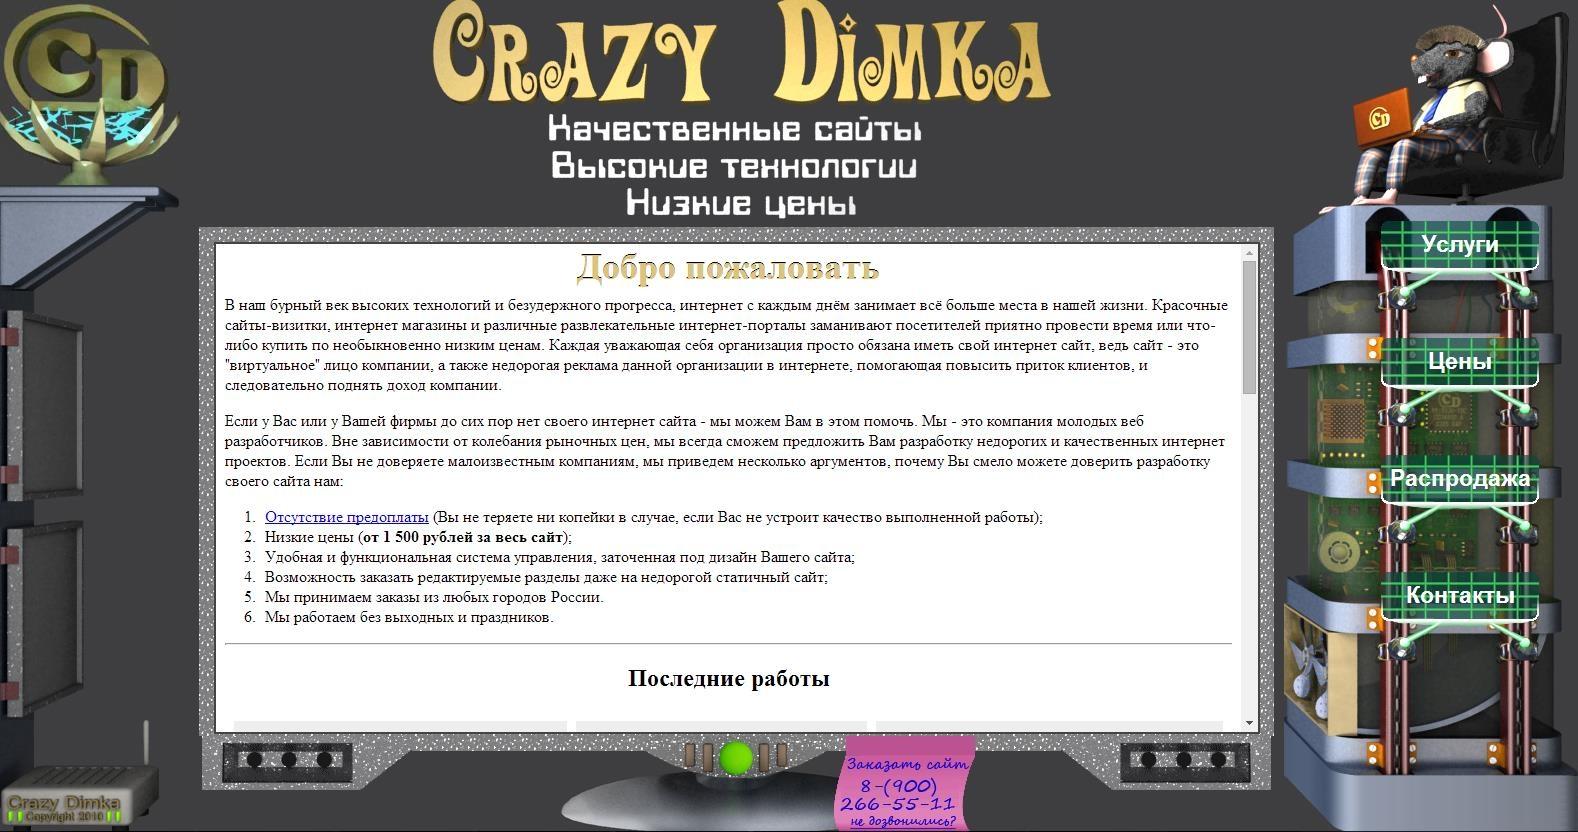 Скриншот сайта crazydimka